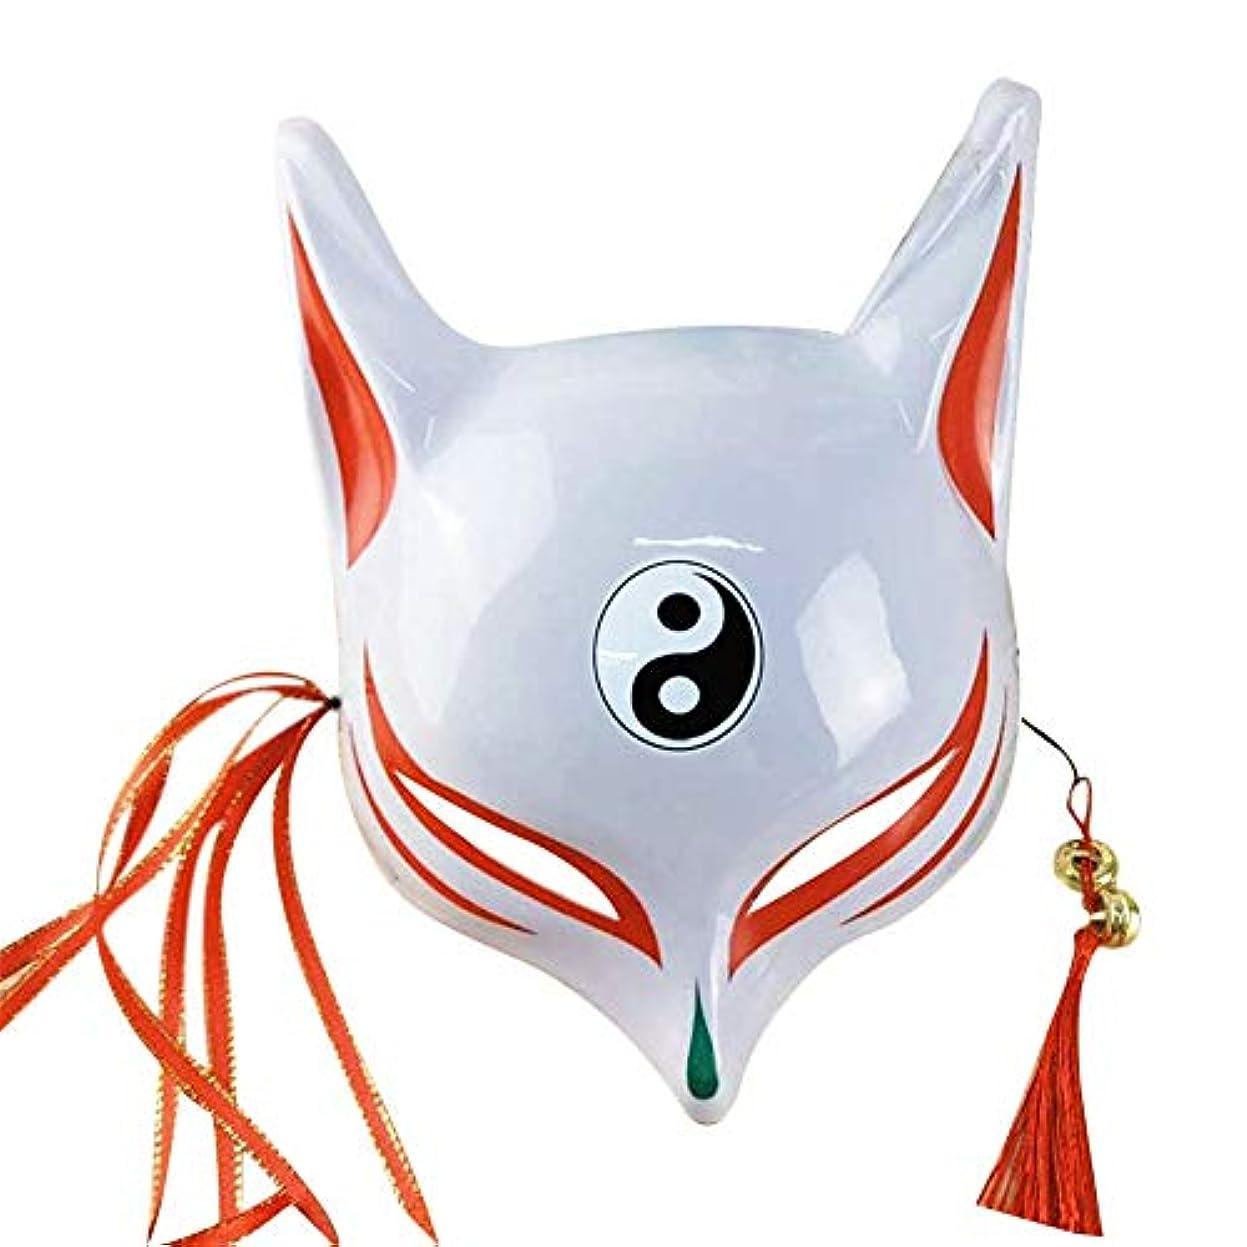 パラシュート嫌がる空のEsolomフォックスハーフフェイスマスク手描きのマスク ロールプレイ仮装ドレスアップ マスクバーパーティー キツネの妖精の半分の顔 和風の手描き